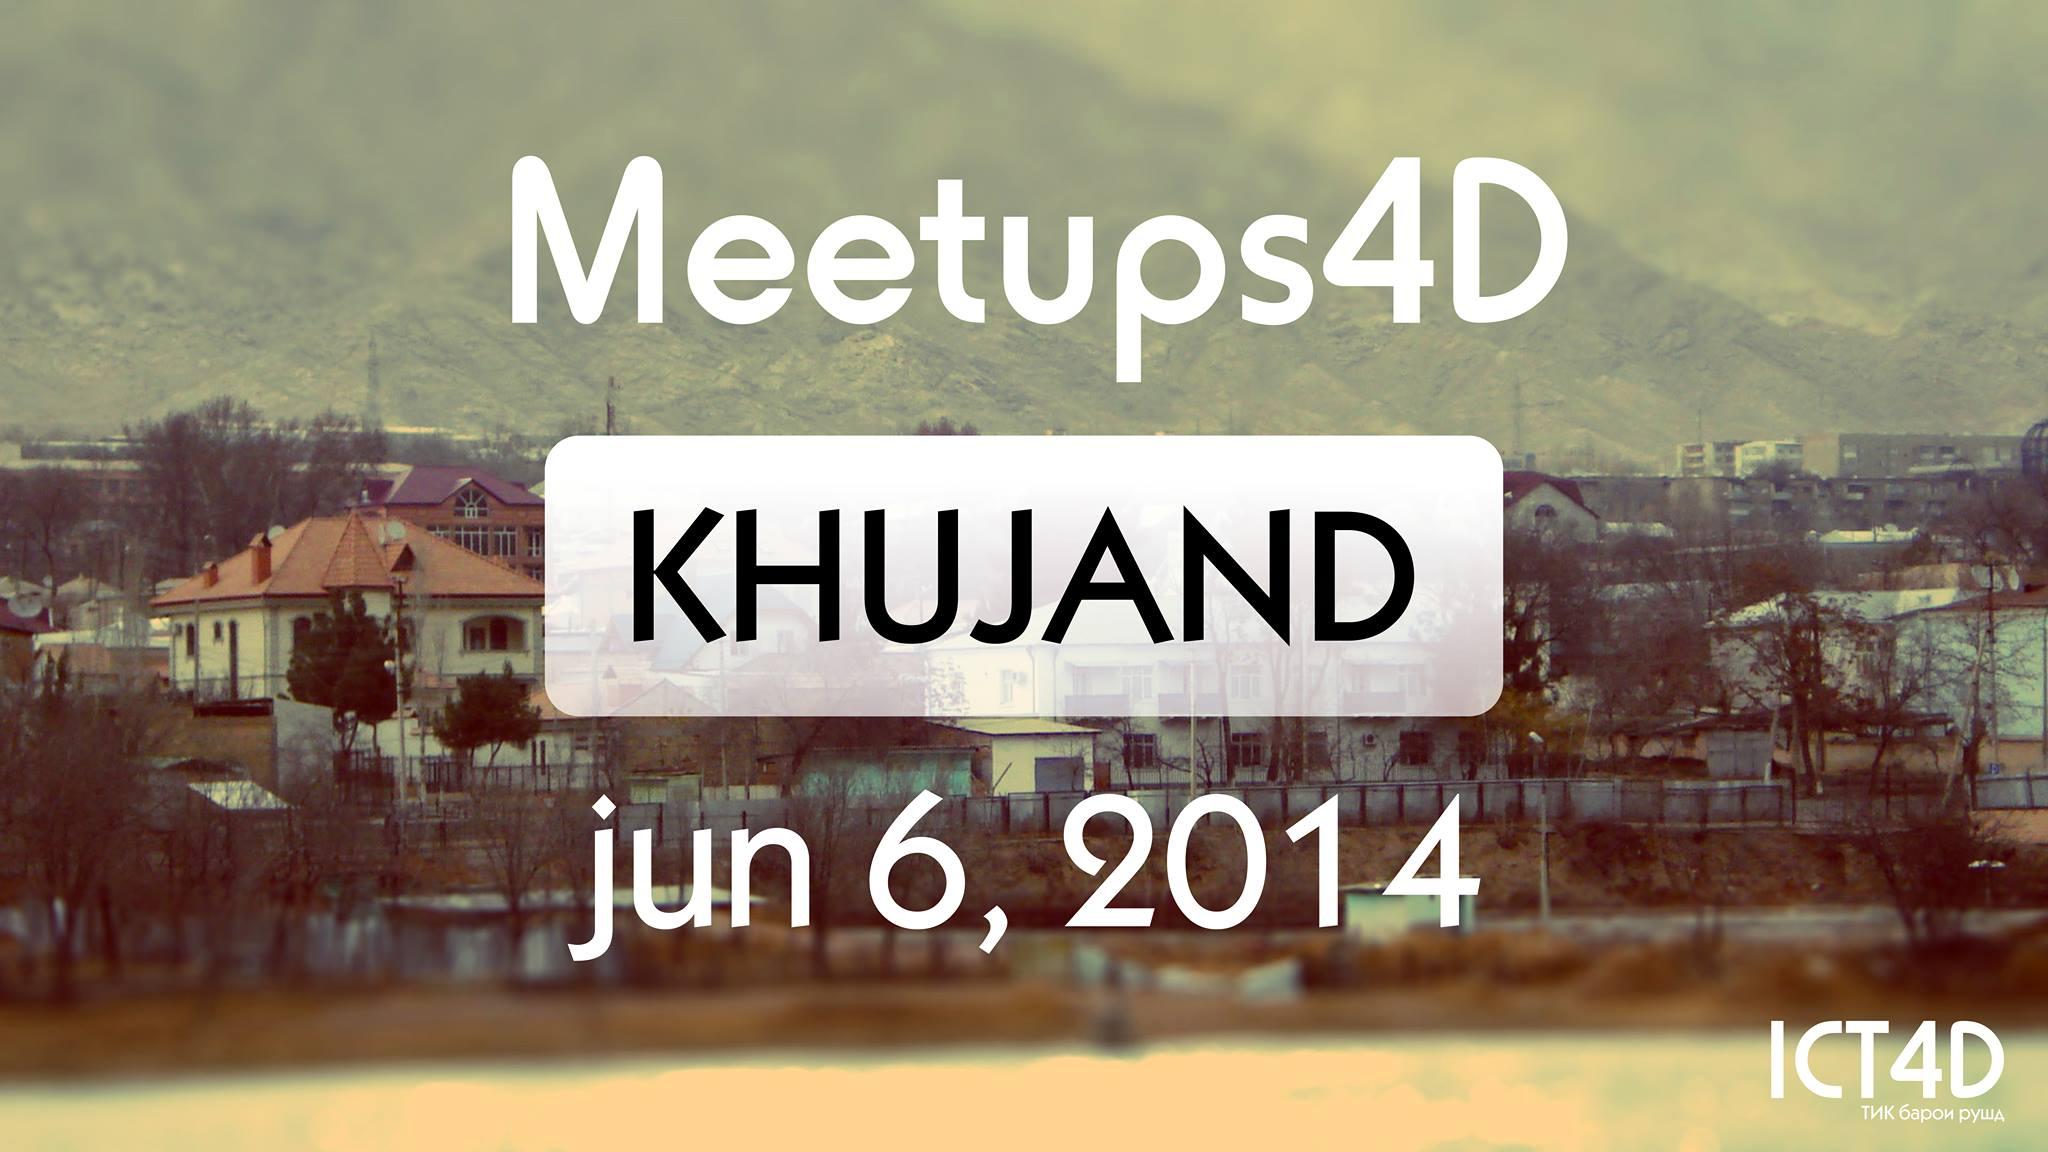 meetups4d_khujand